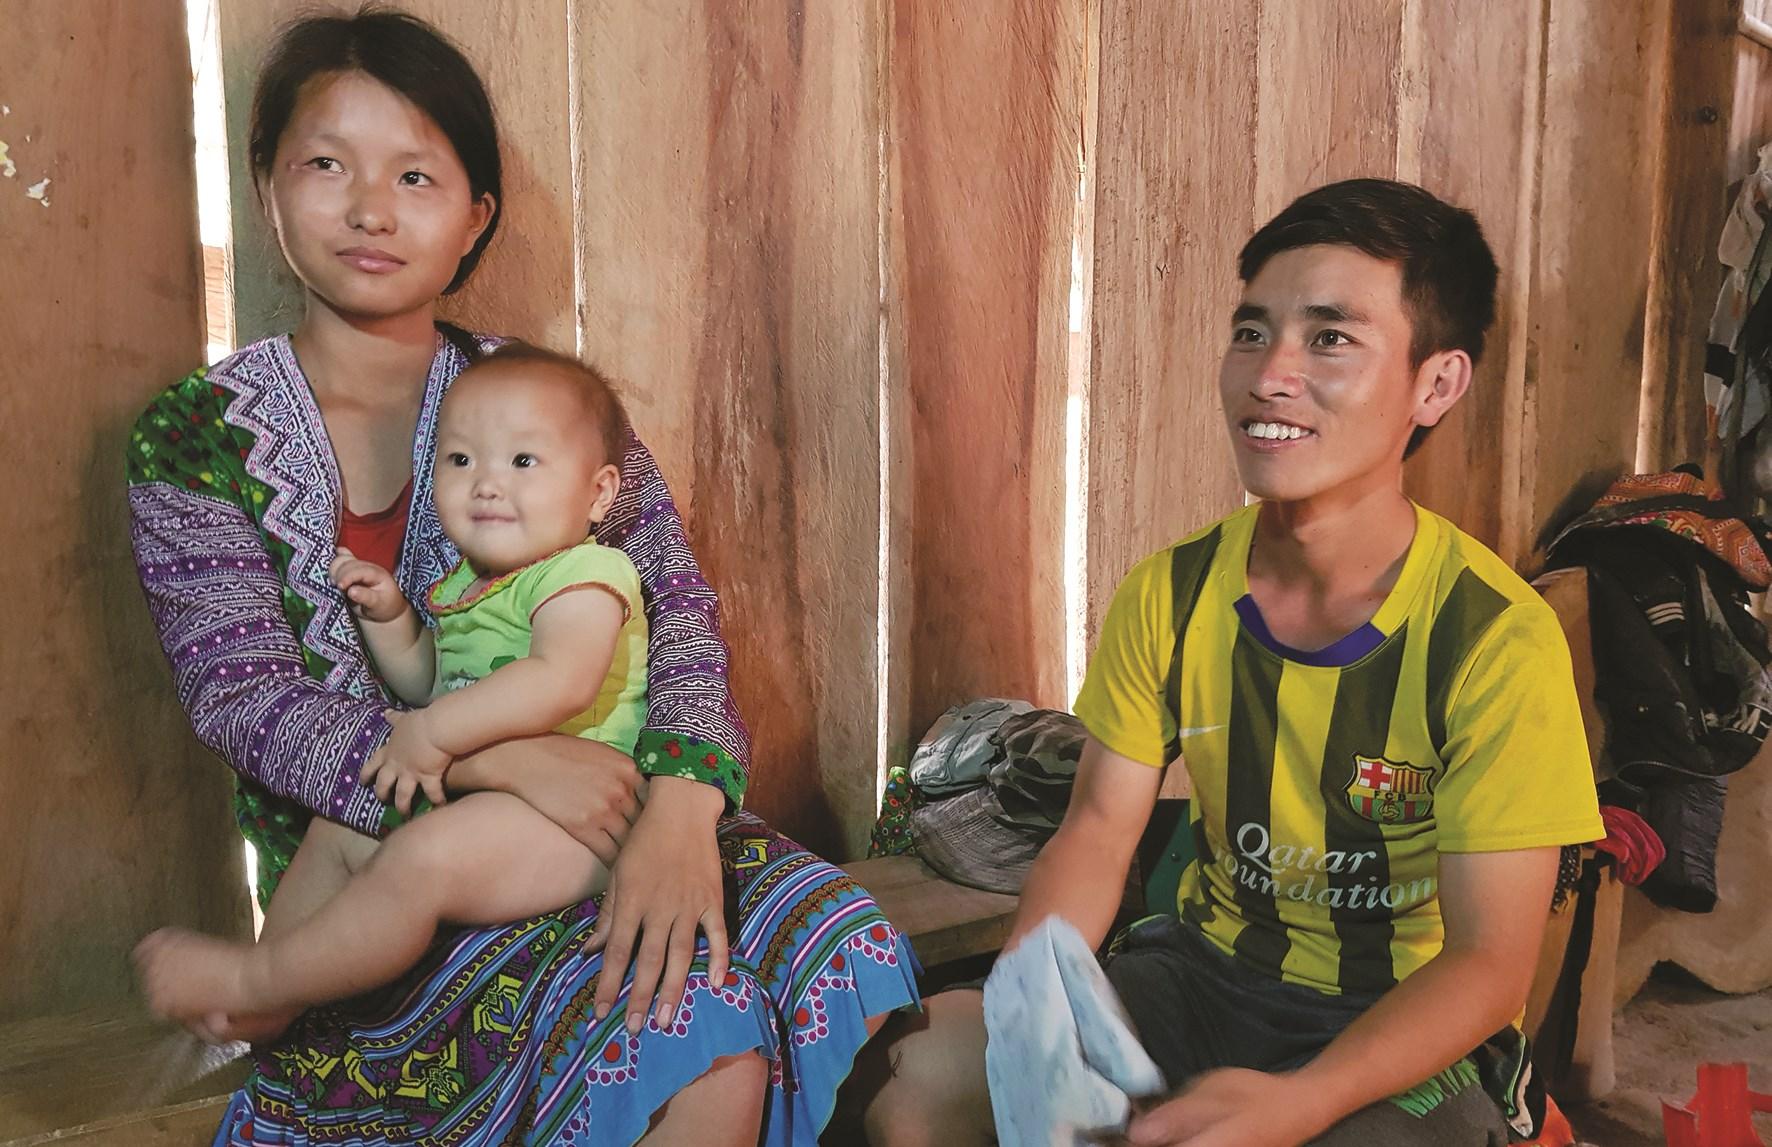 Thế hệ trẻ DTTS trên địa bàn tỉnh Thanh Hóa đã được nâng cao nhận thức pháp luật, hôn nhân và gia đình. (Ảnh minh họa)